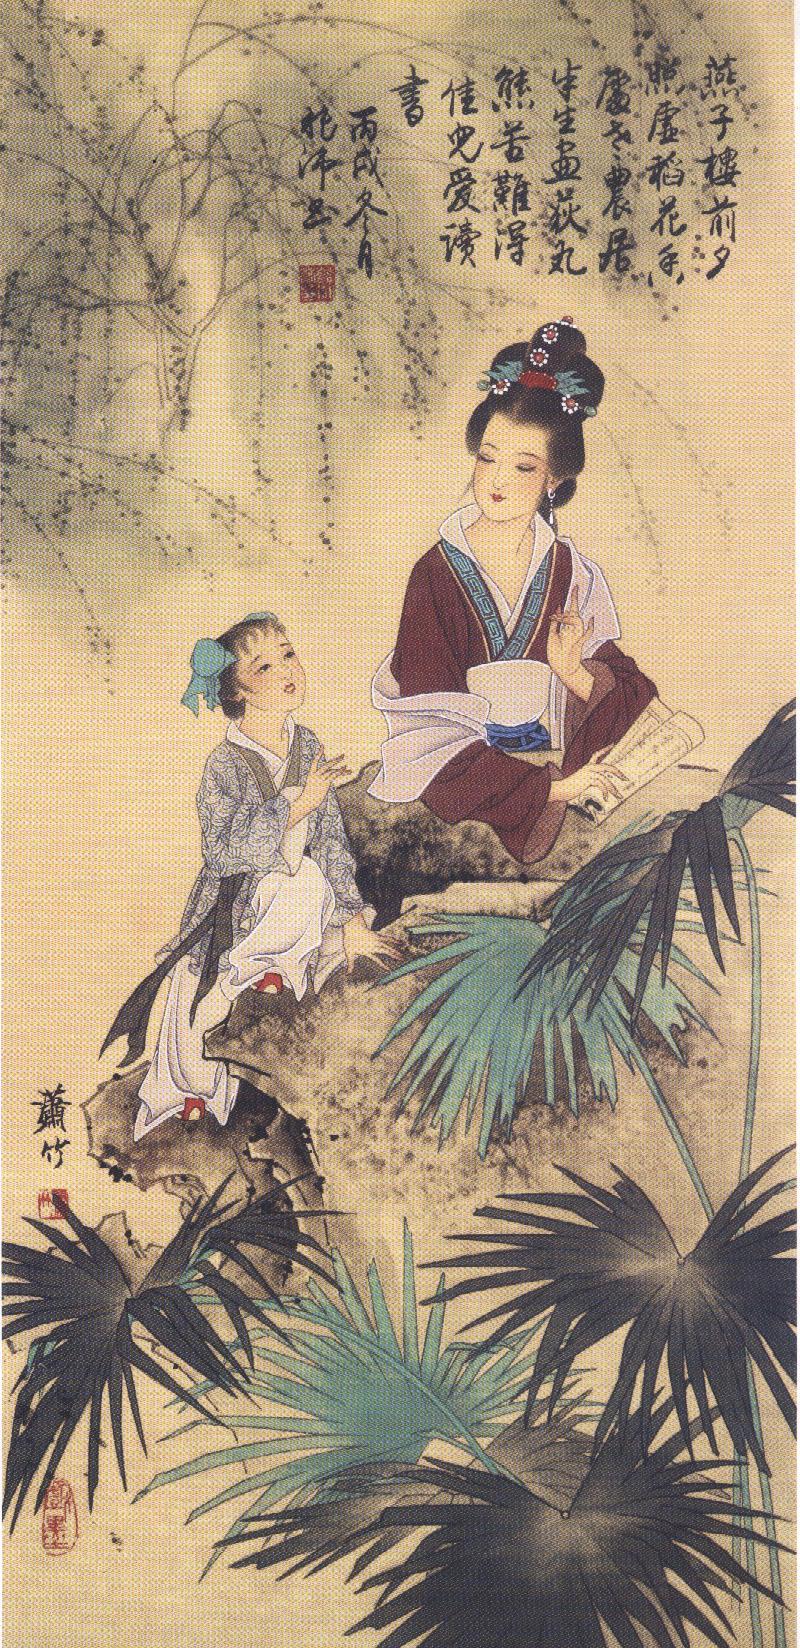 陈彦鹅工笔金陵十二钗 - 香儿 - xianger